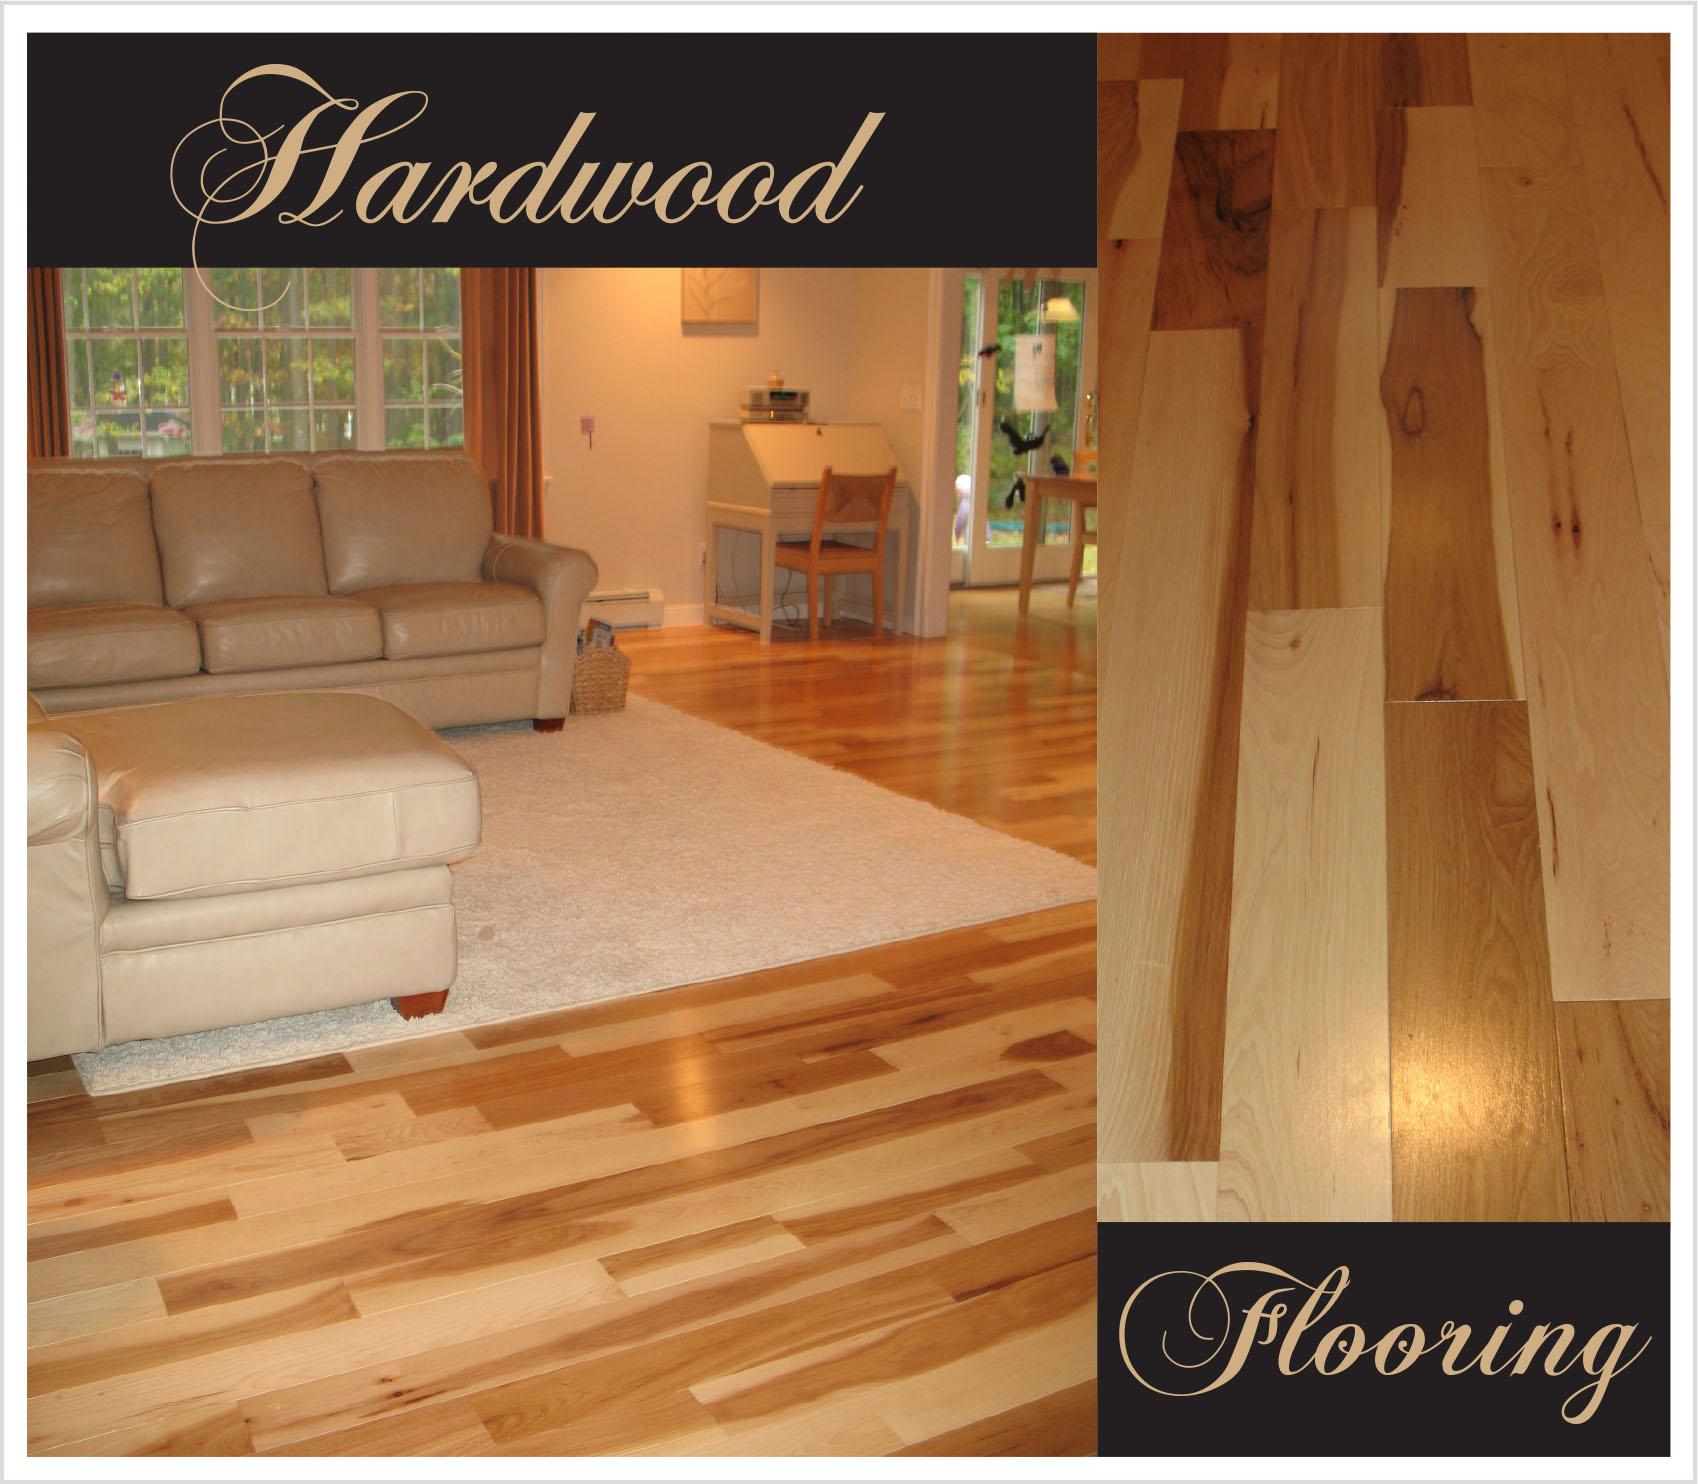 B&C Hardwood photo web